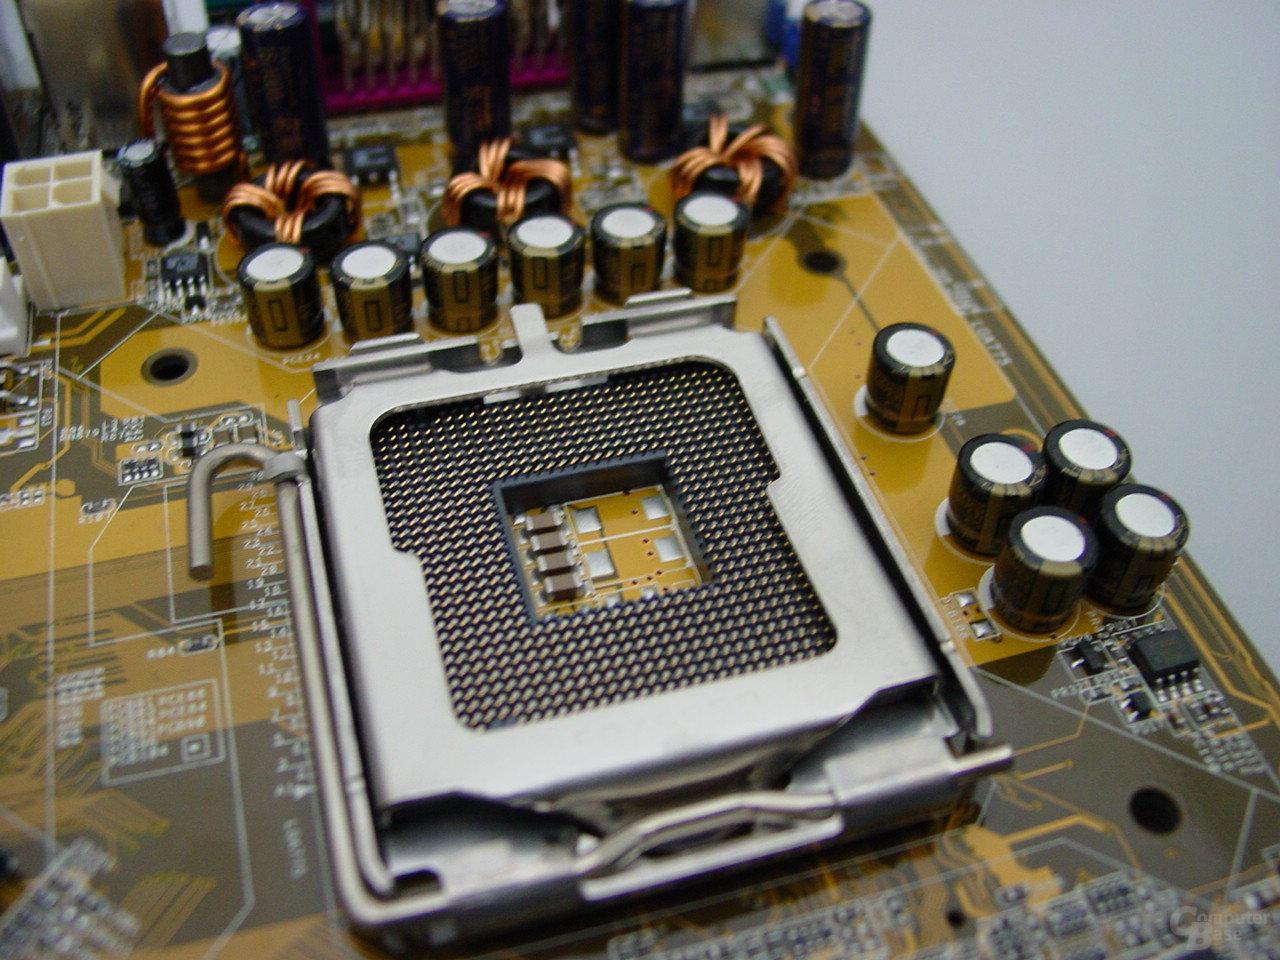 Asus P5VD1 Prozessorsockel und Spannungswandler